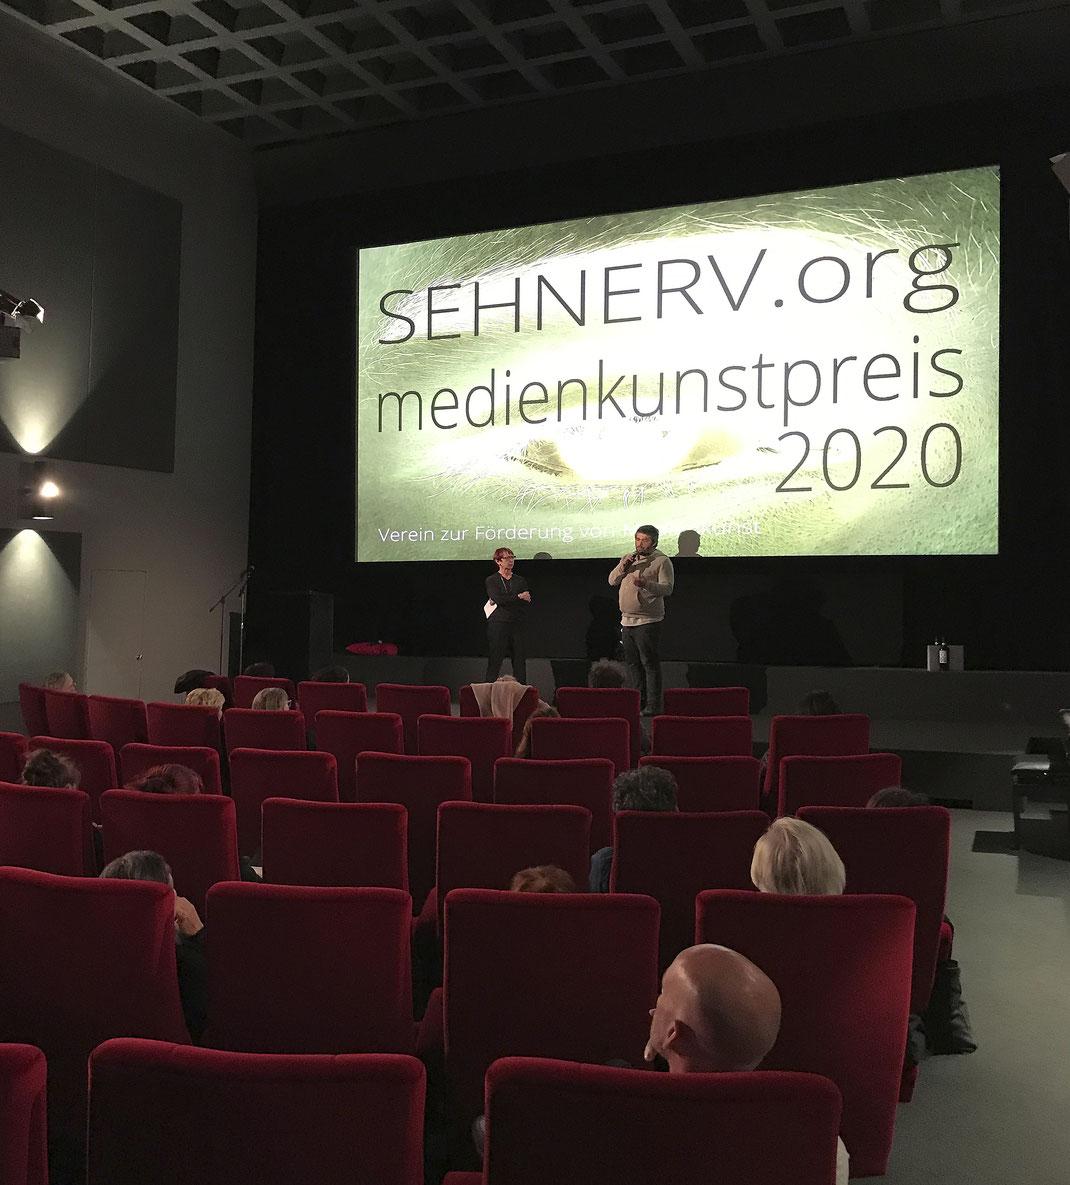 Verein_Sehnerv_Medienkunst_Preisverleihung_Kino_Rex_2020_Schweizer_Videokunst